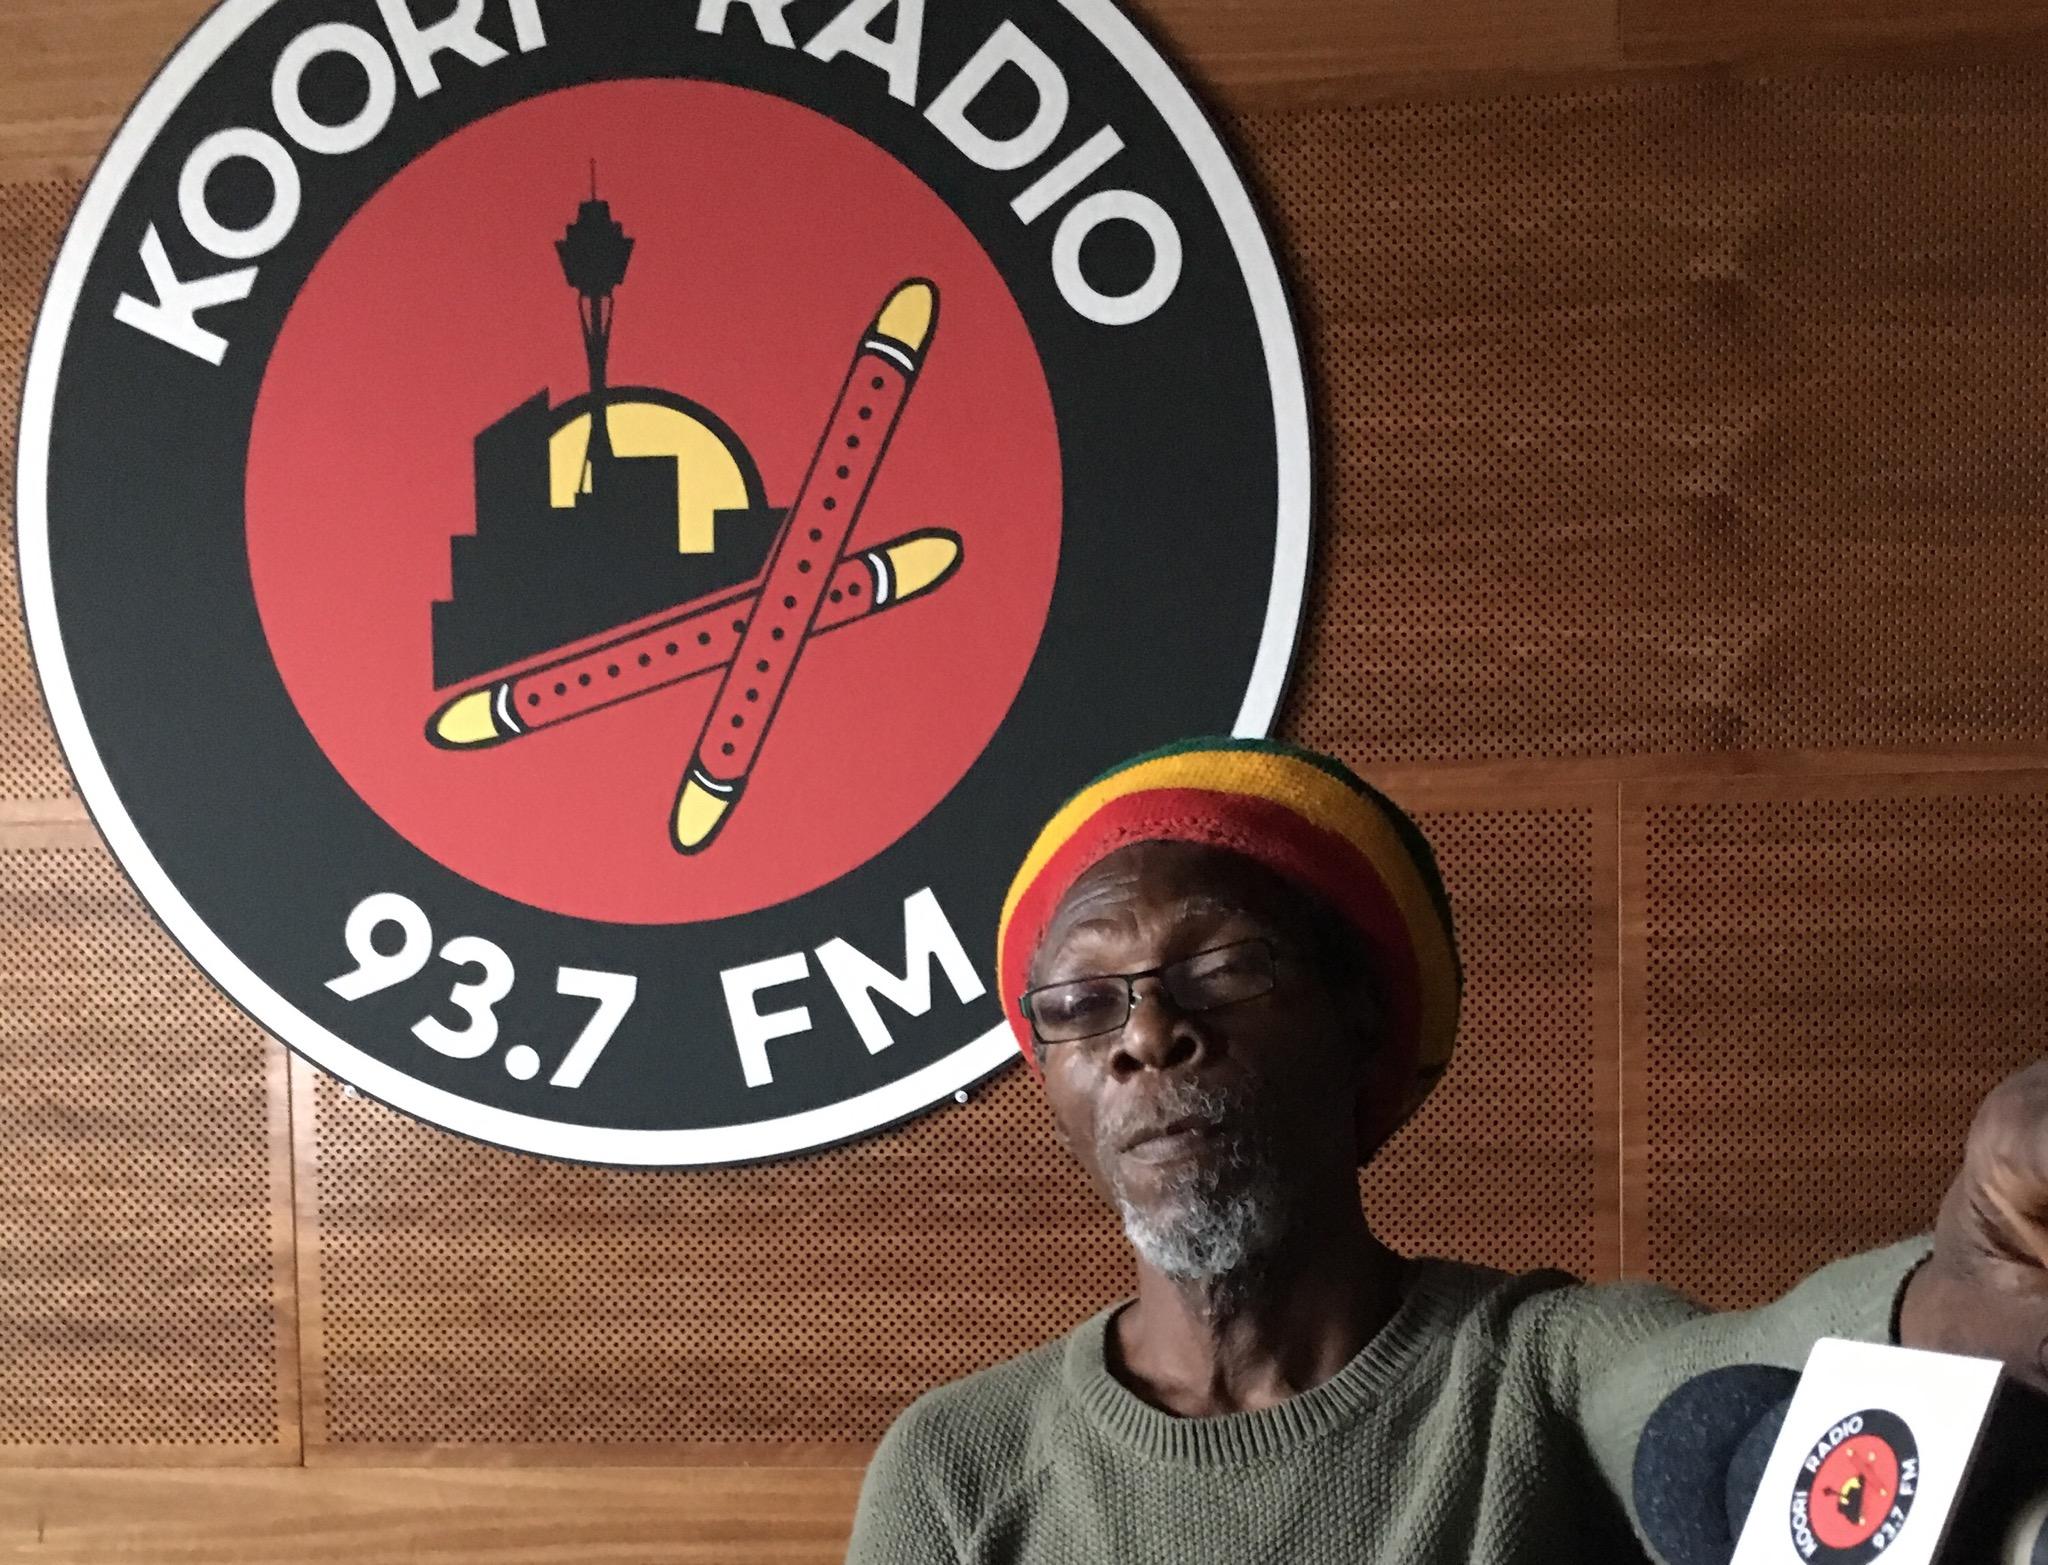 Black Roots & Oration with Ibo Jah on Koori Radio